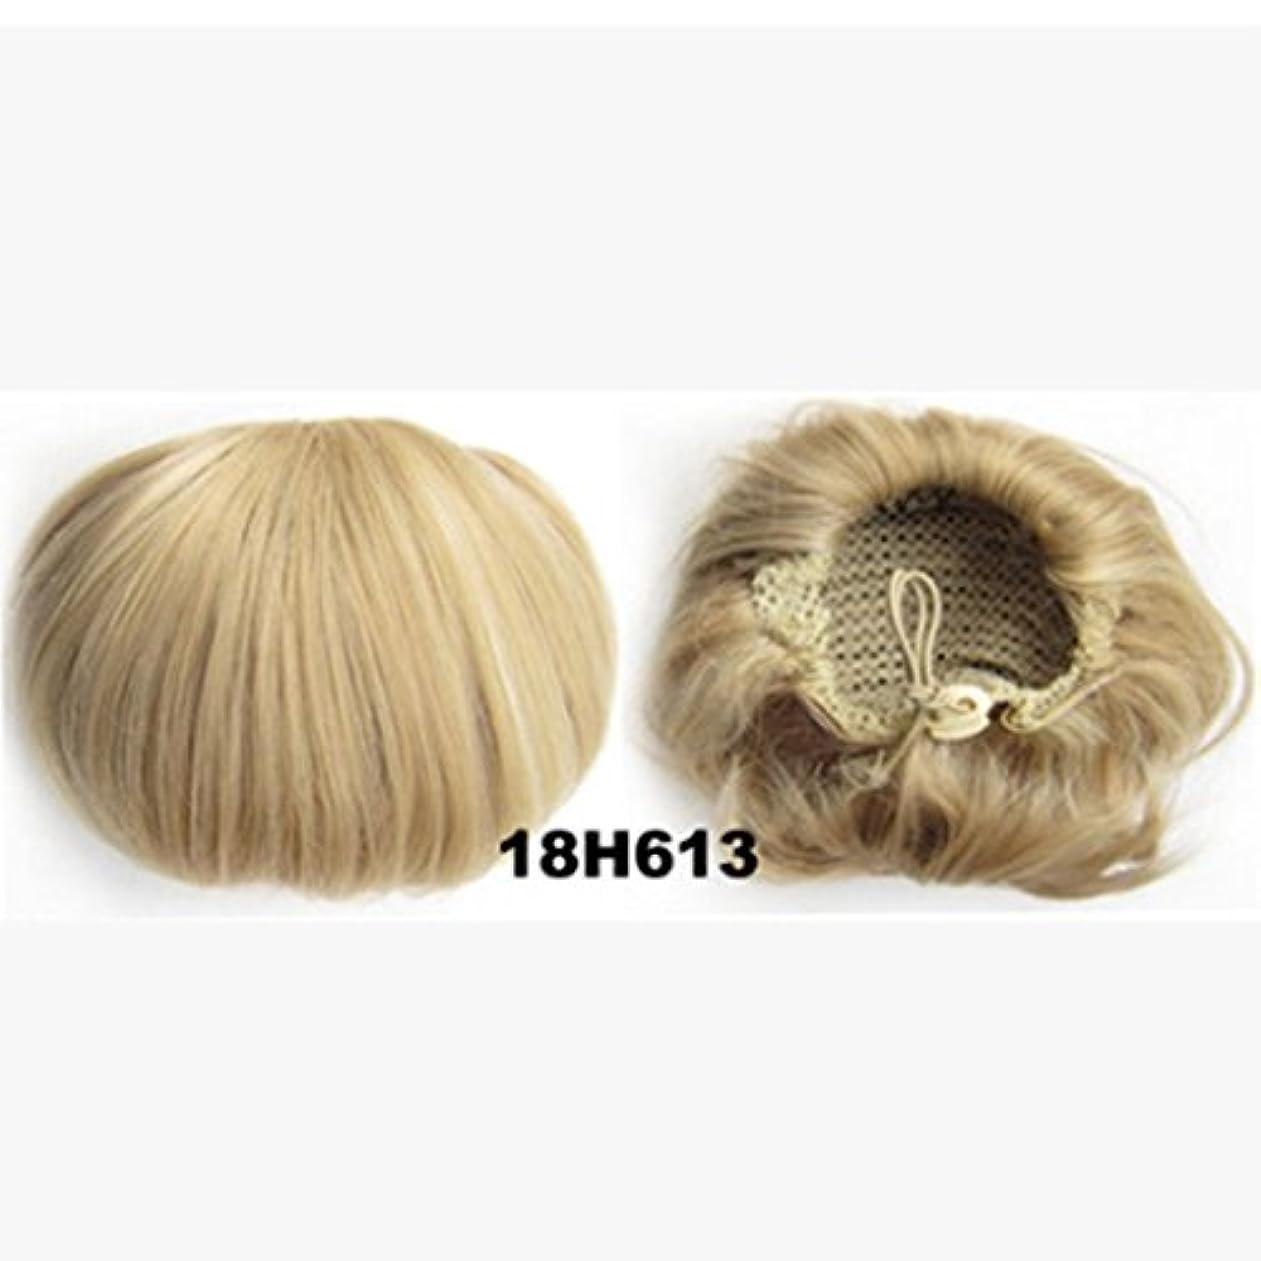 十代廃棄するひいきにするKoloeplf エクステンション自然な普通のミートボールのヘアウィッグとブライダルメイクアップに使用することができるウィッグヘアバッグヘアバンド (Color : 18H613)